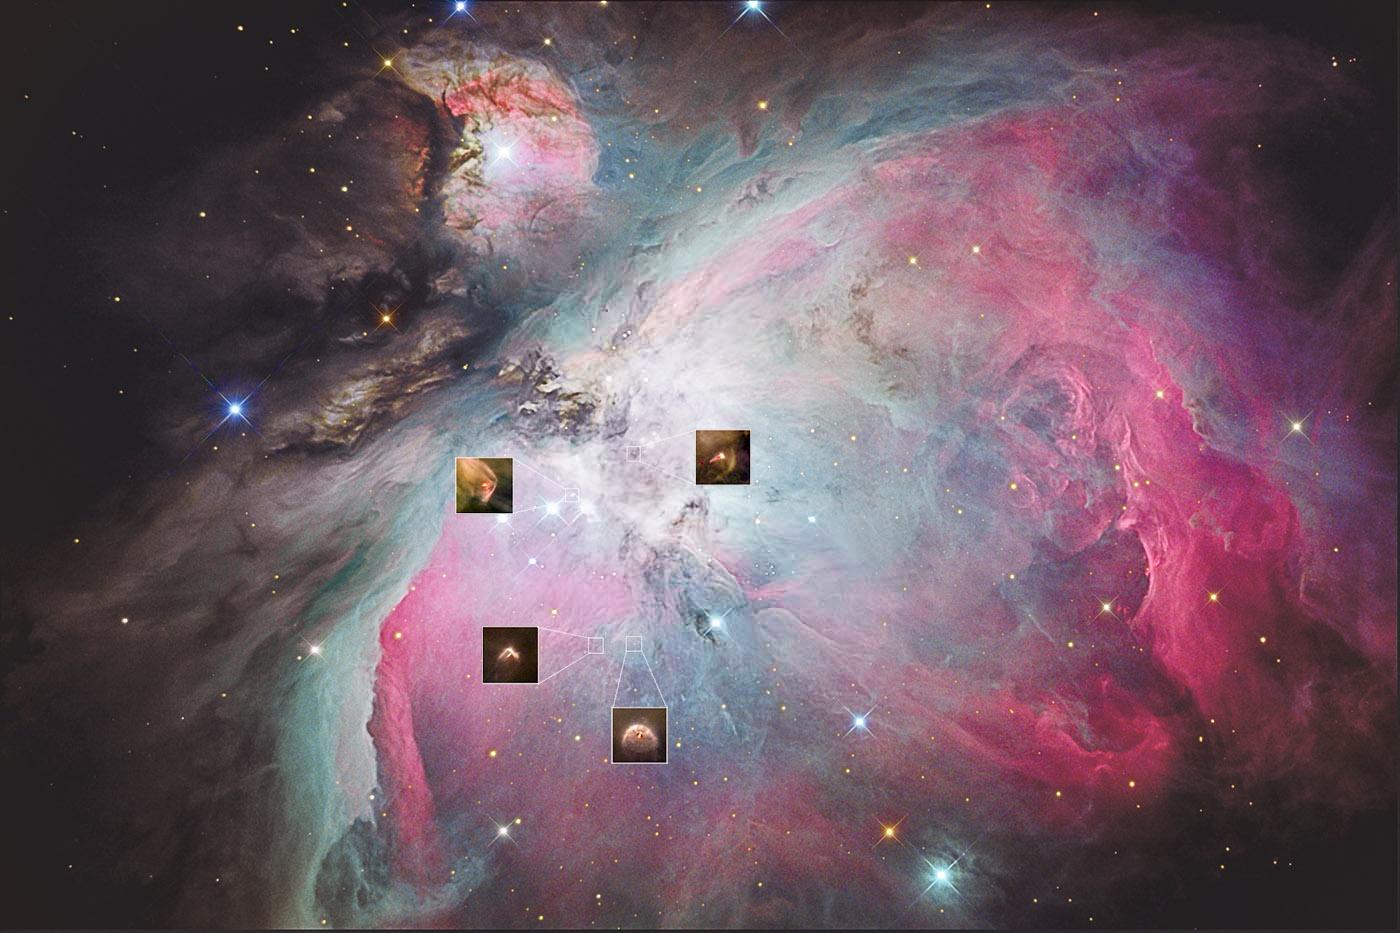 Foto Osservatorio  - M42, un pasticcere stellare